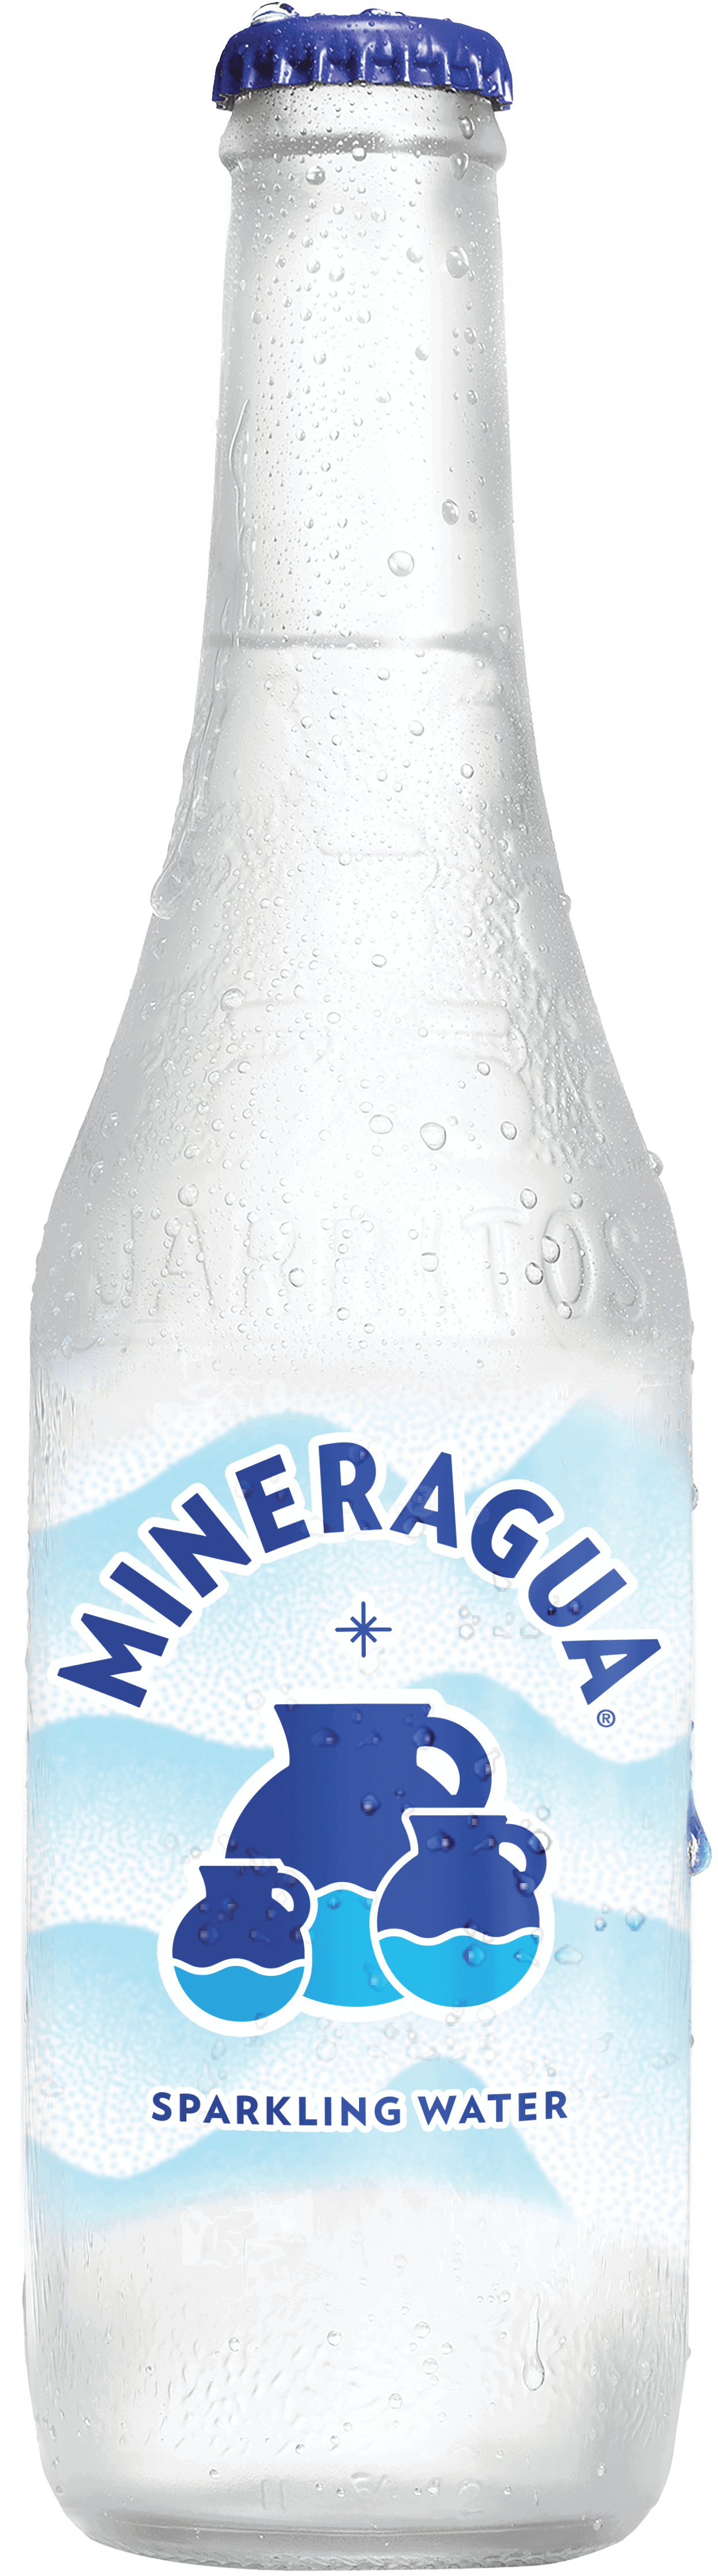 Mineragua water-bottal-min.png